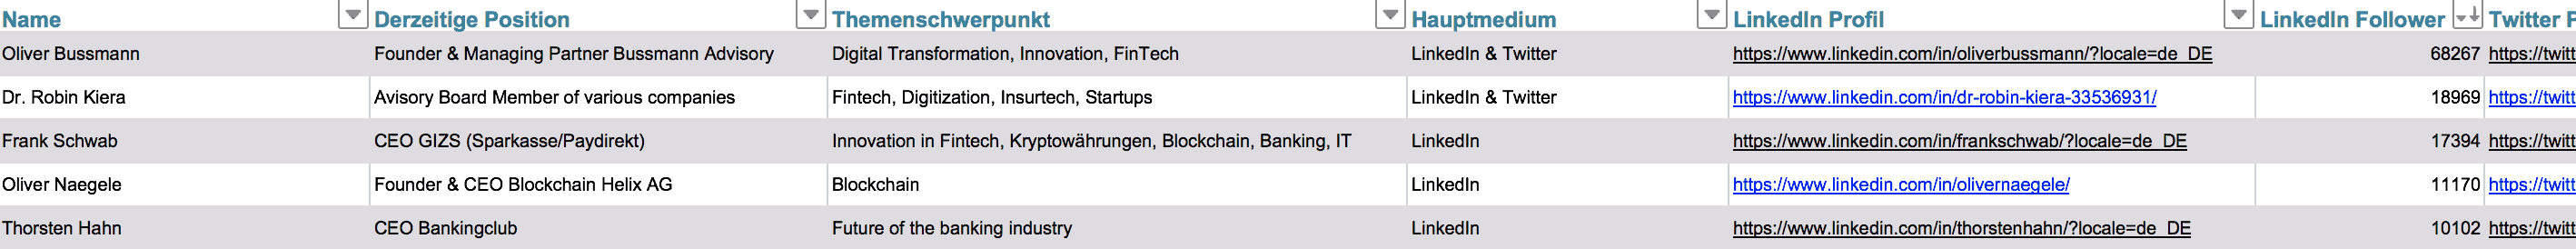 Liste Fintech Influencer Finanzbranche Deutschland